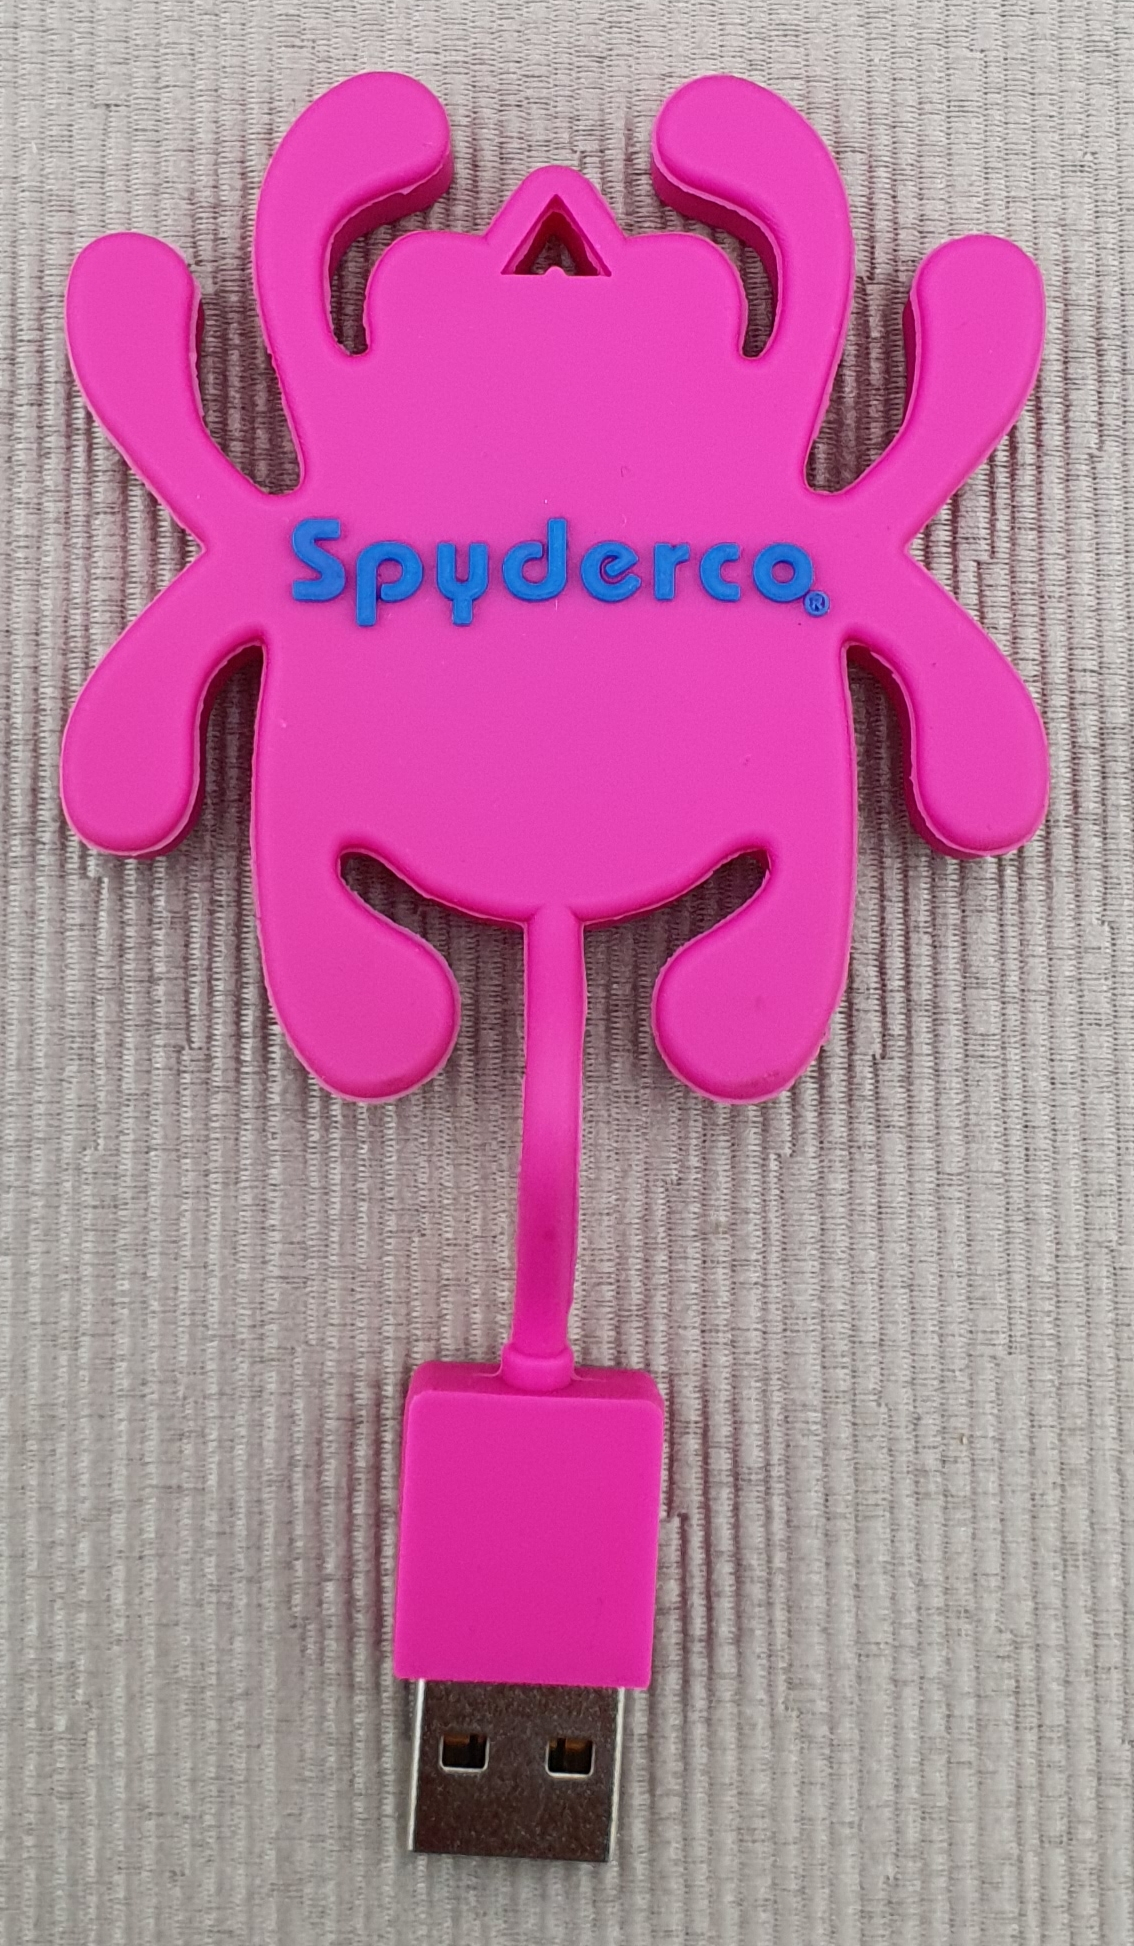 Spyderco flashdrive pink open